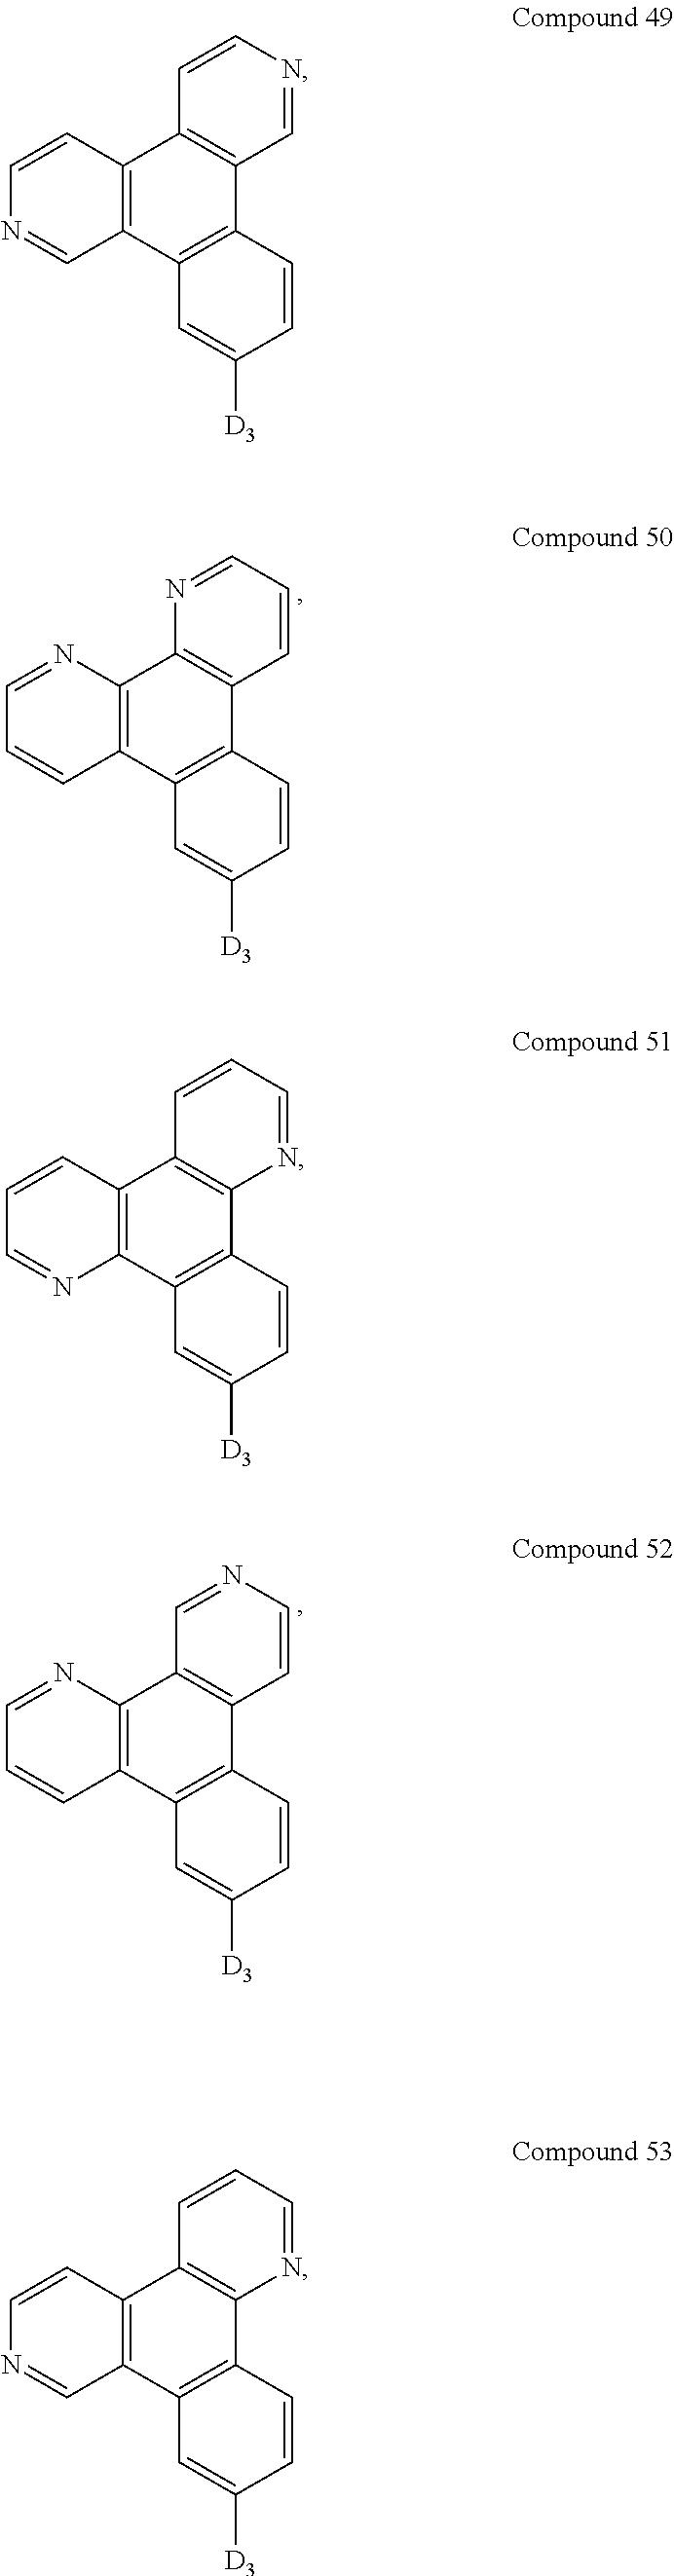 Figure US09537106-20170103-C00503